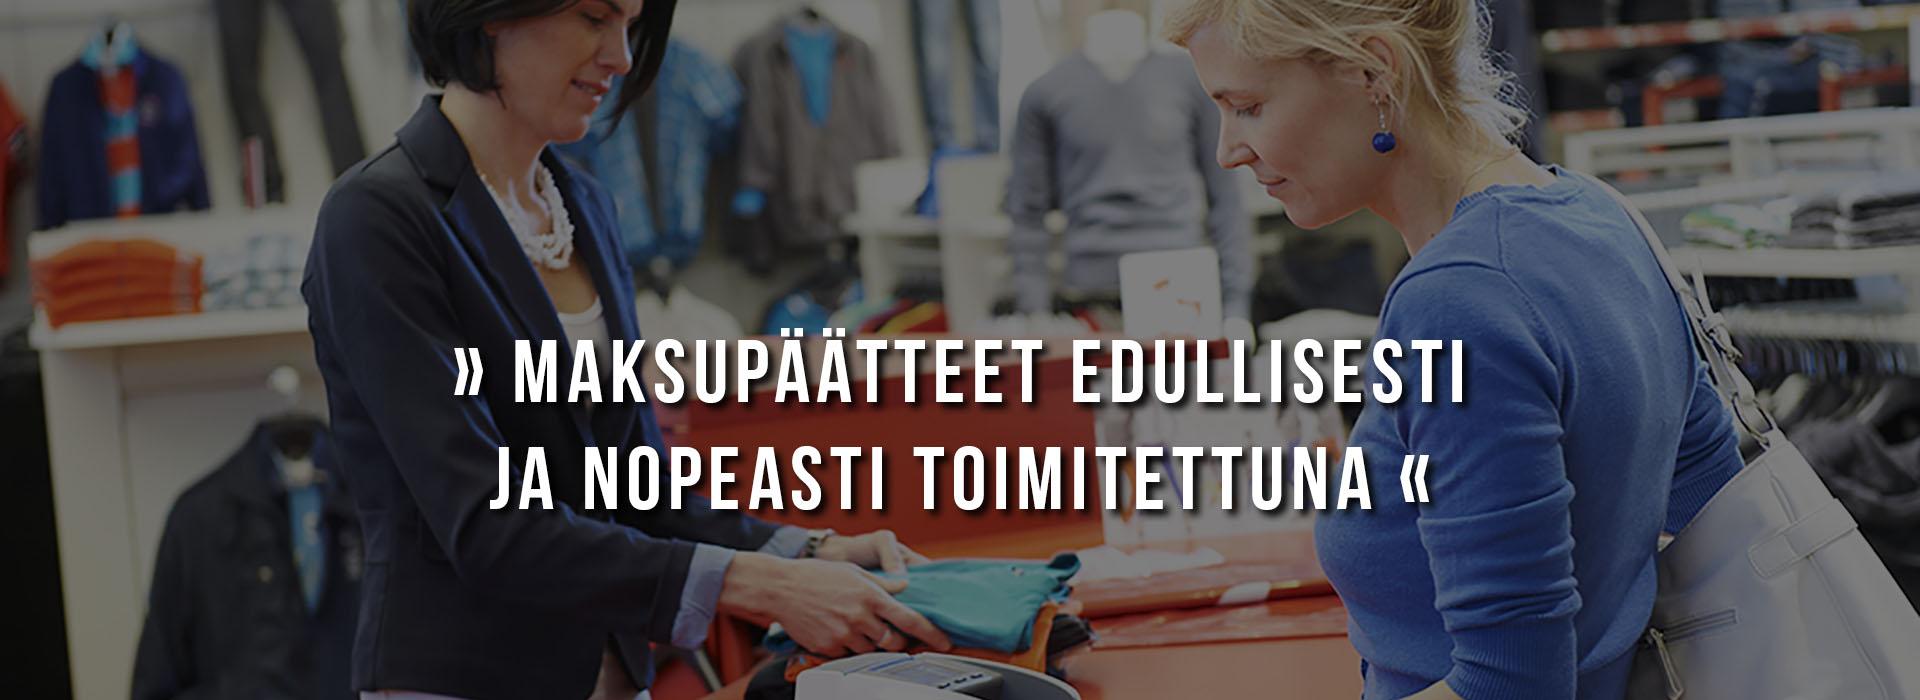 Maksupäätteet edullisesti - Tampereen Kassajärjestelmät Oy